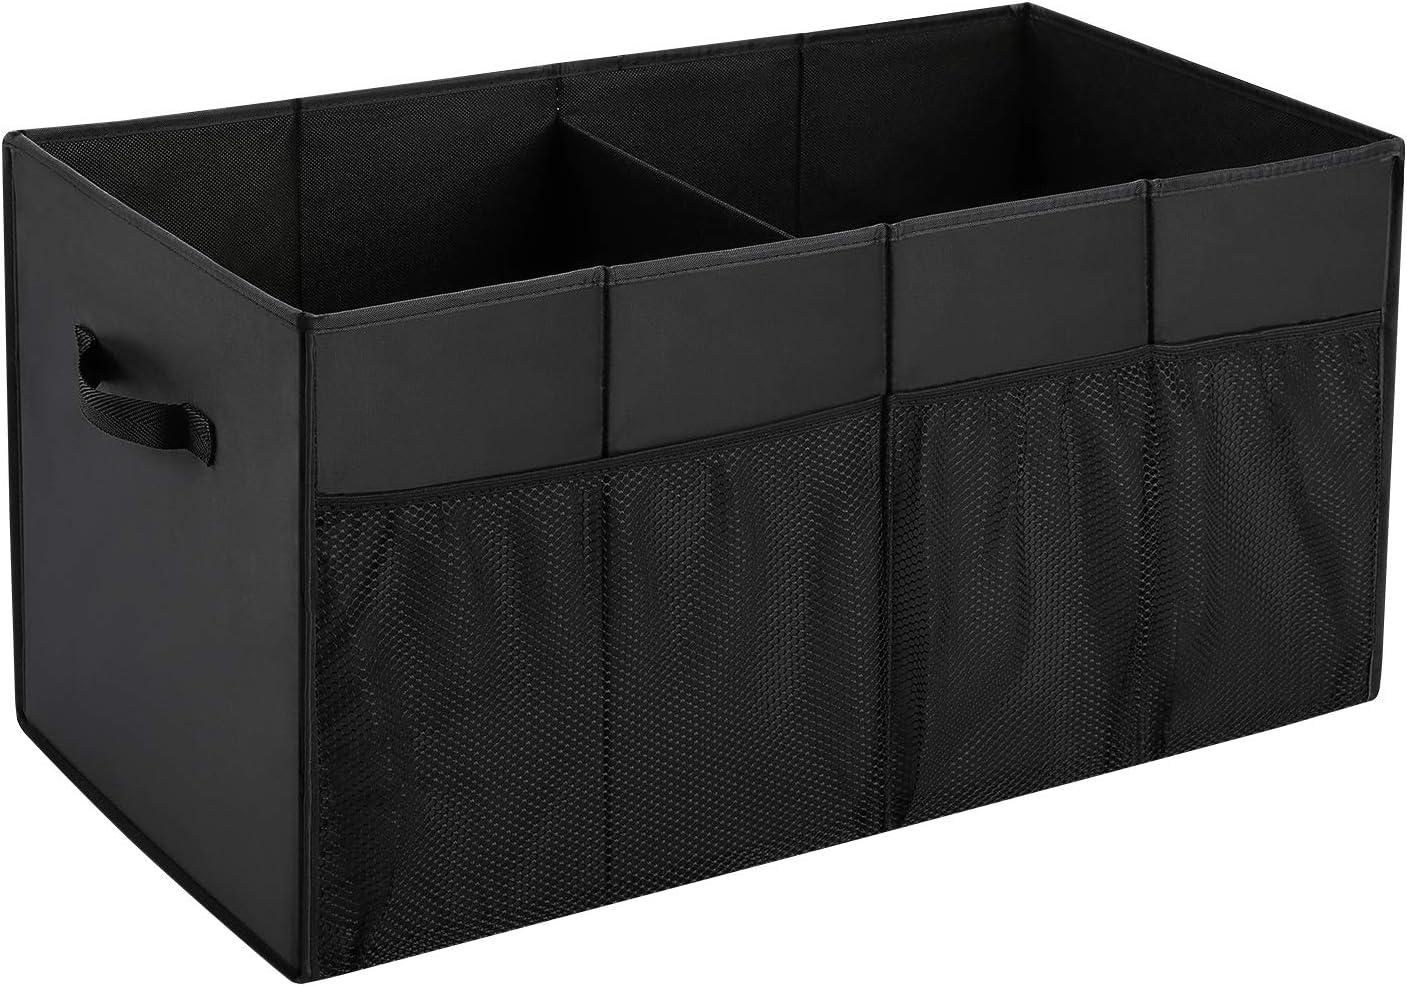 UMI. by Amazon - Organizador para Maletero del Cohce, Caja de Almacenaje Plegable para Coche, con 2 Asas, Negro